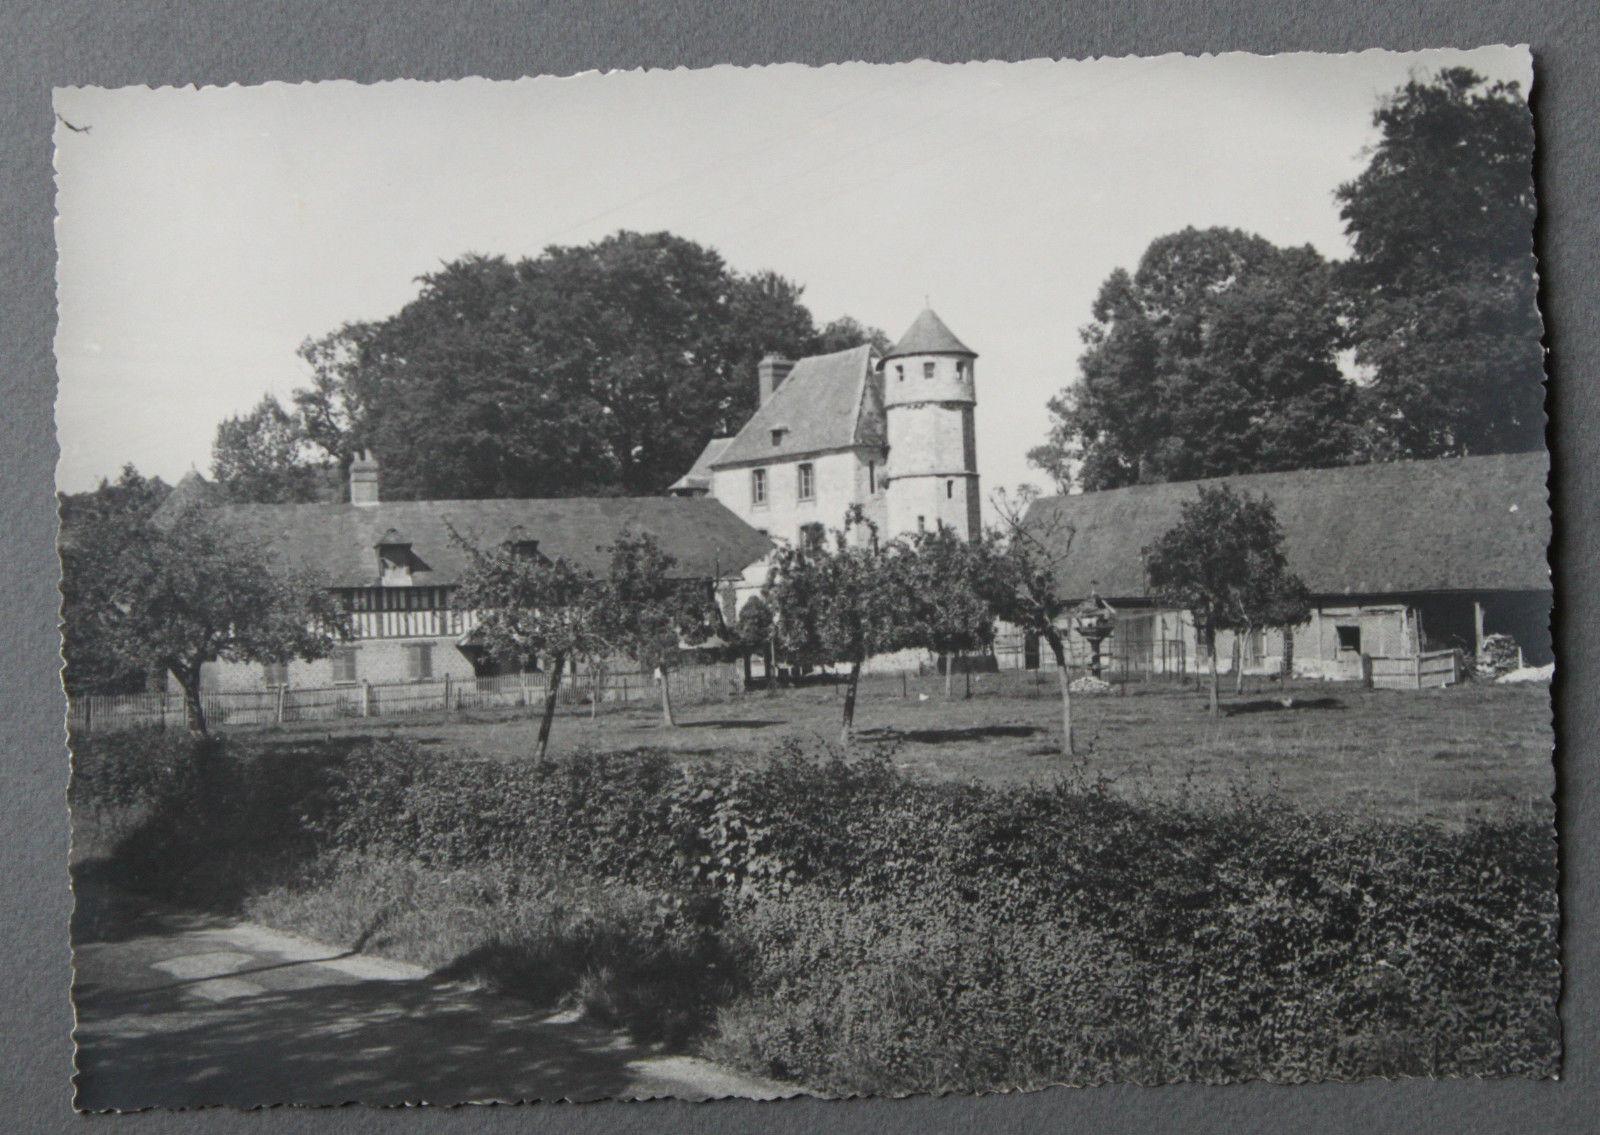 Les Andelys Normandie Photographie Originale Annees 1950 Region France Photograph Librairie L Amour Qui Bouquine